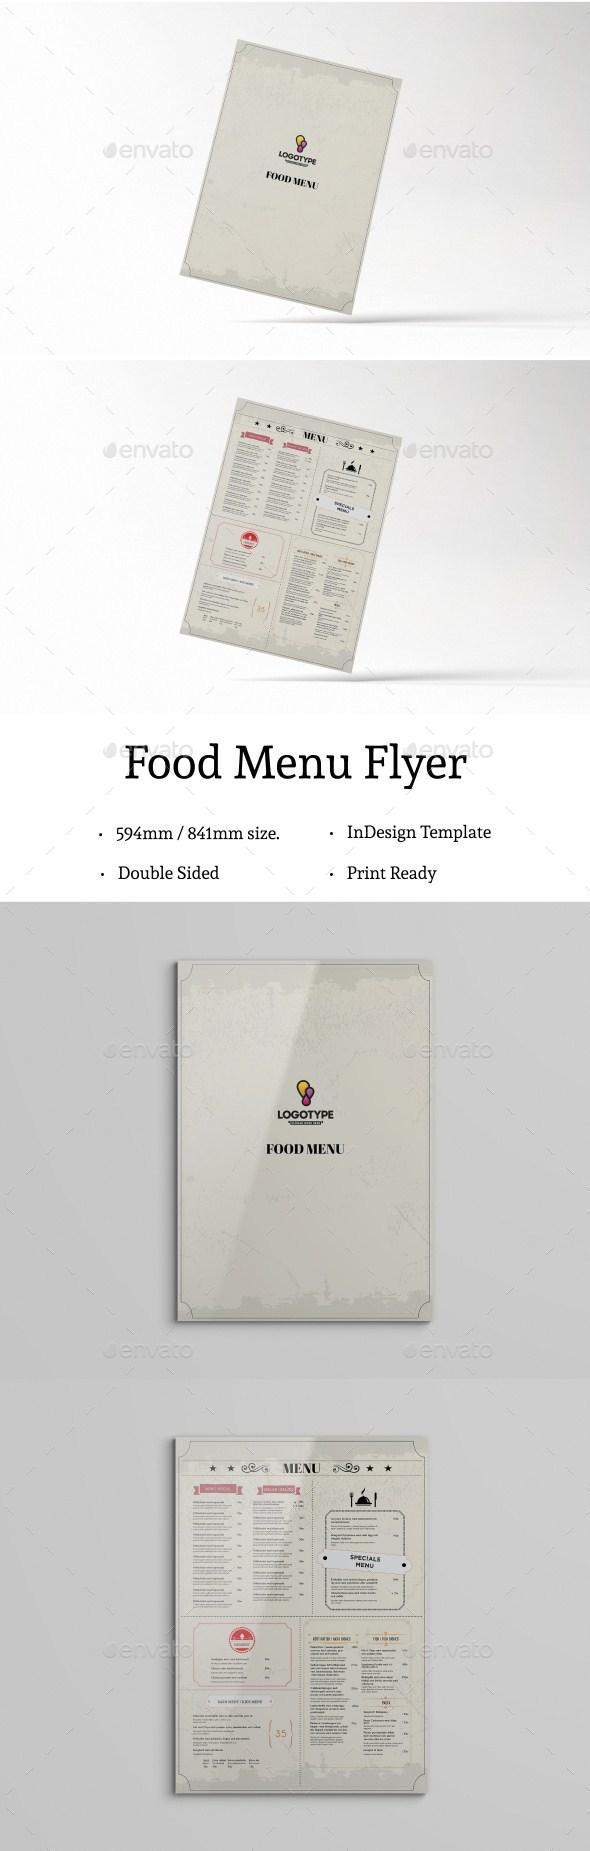 InDesign Food Menu template #minimal food menu #restaurant menu ...